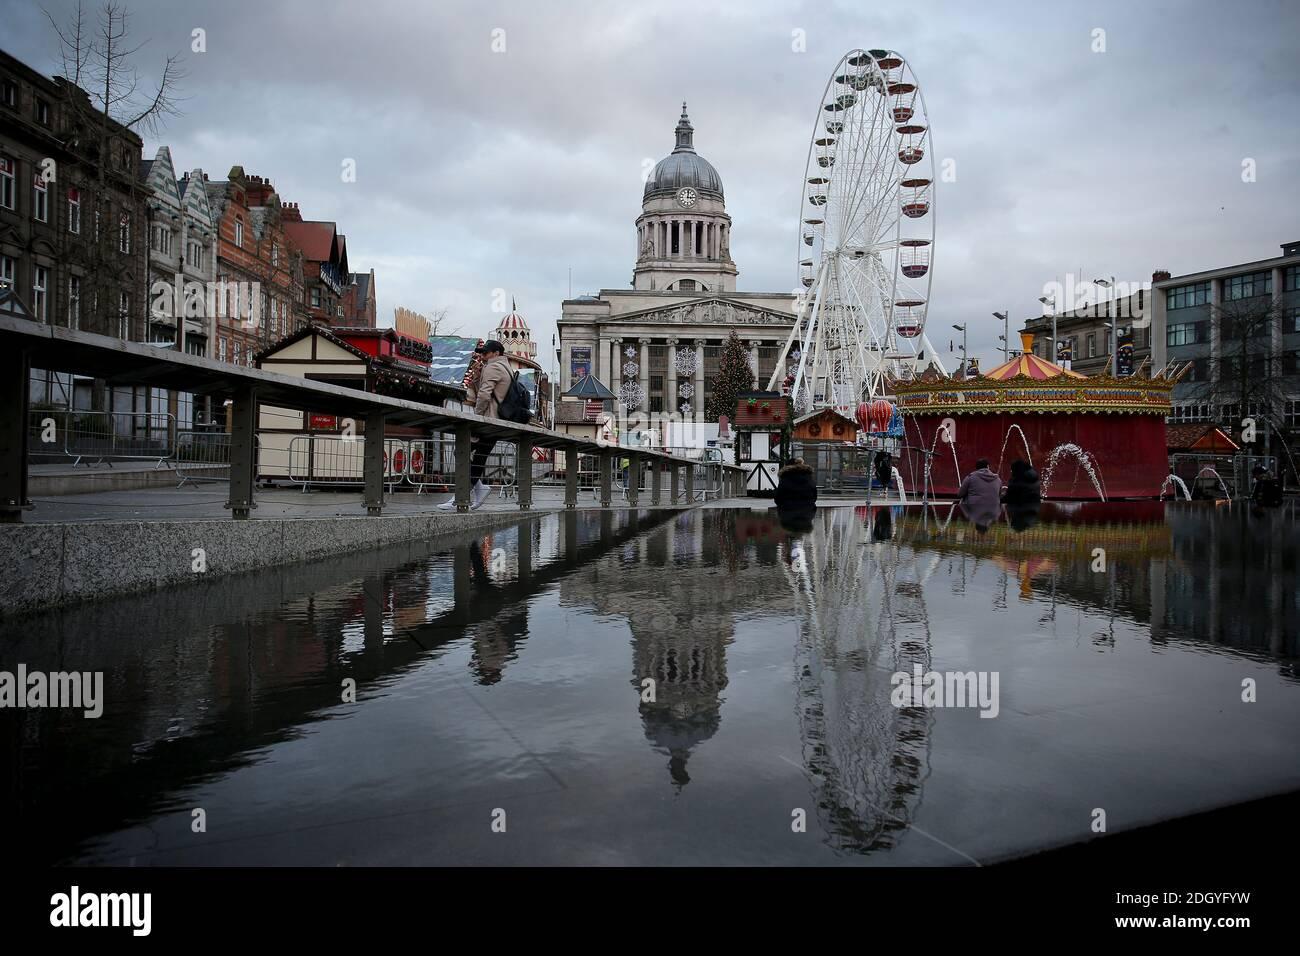 Una vista del mercado de Navidad y atracciones en la Plaza del mercado Viejo, Nottingham, miércoles 2 de diciembre de 2020. Foto de stock